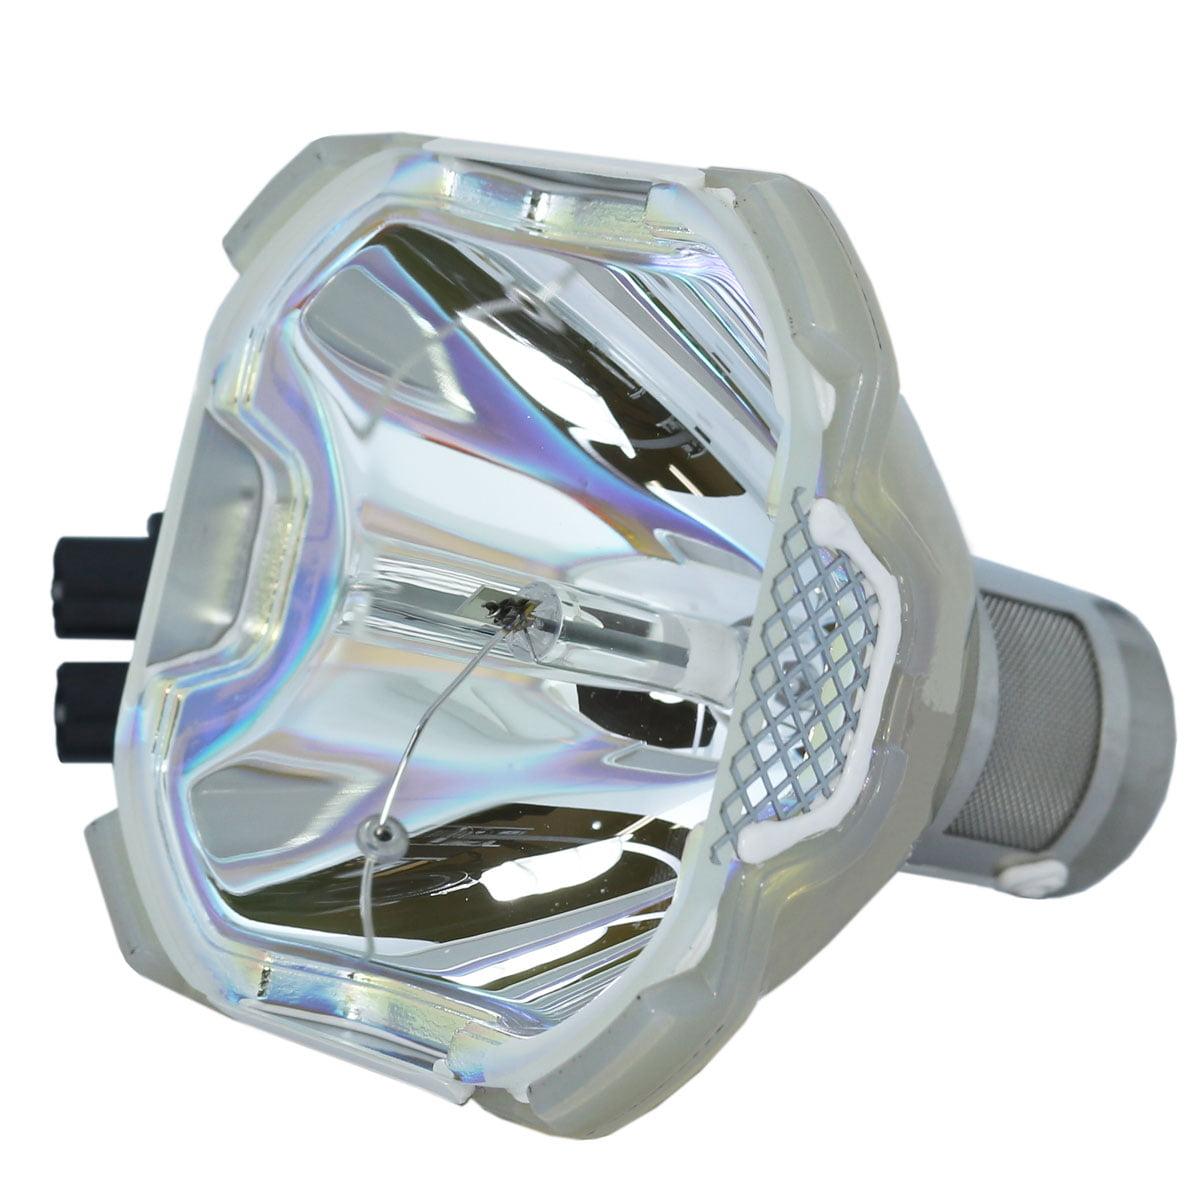 Mitsubishi xl5980u lamp | Compare Prices at Nextag